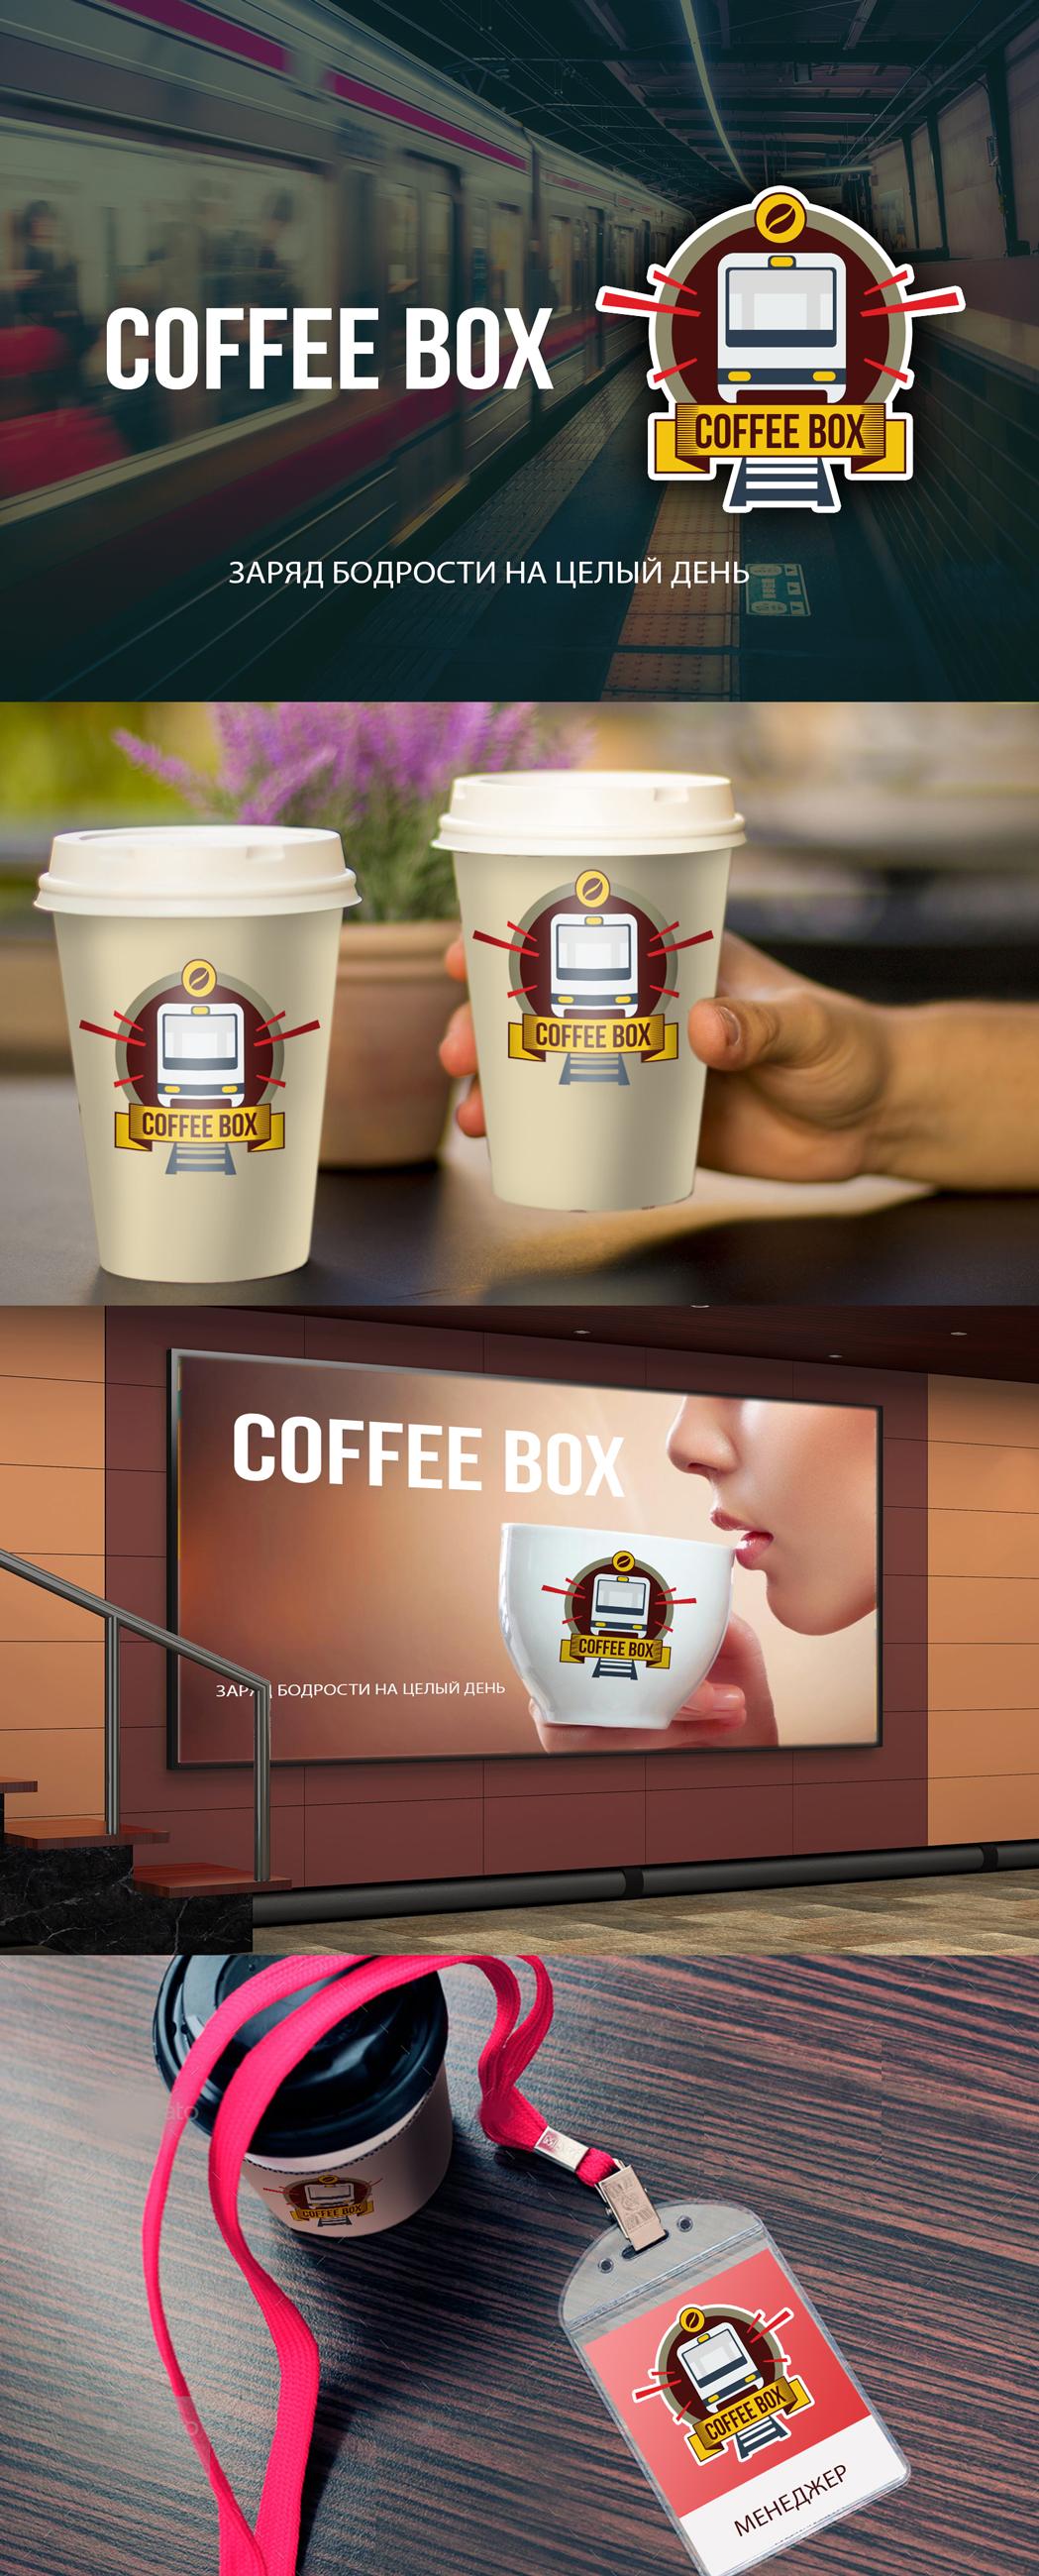 Требуется очень срочно разработать логотип кофейни! фото f_6075a1558b3225a8.jpg